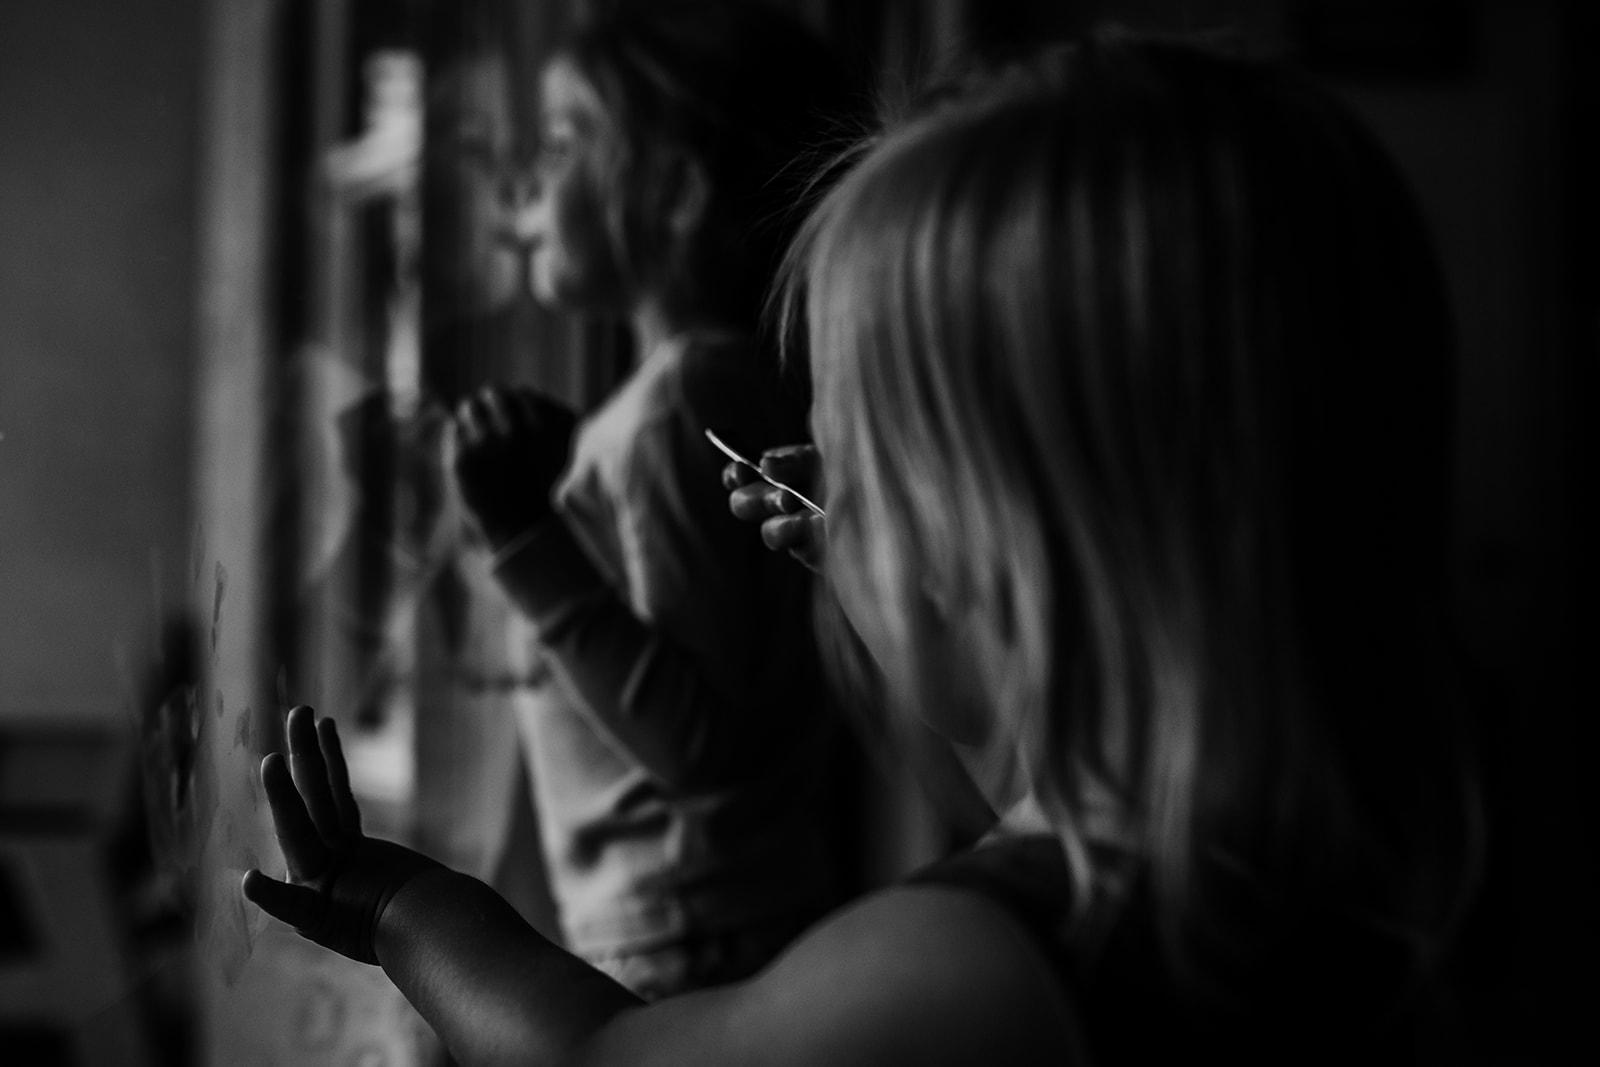 Little girls look outside sliding glass doors